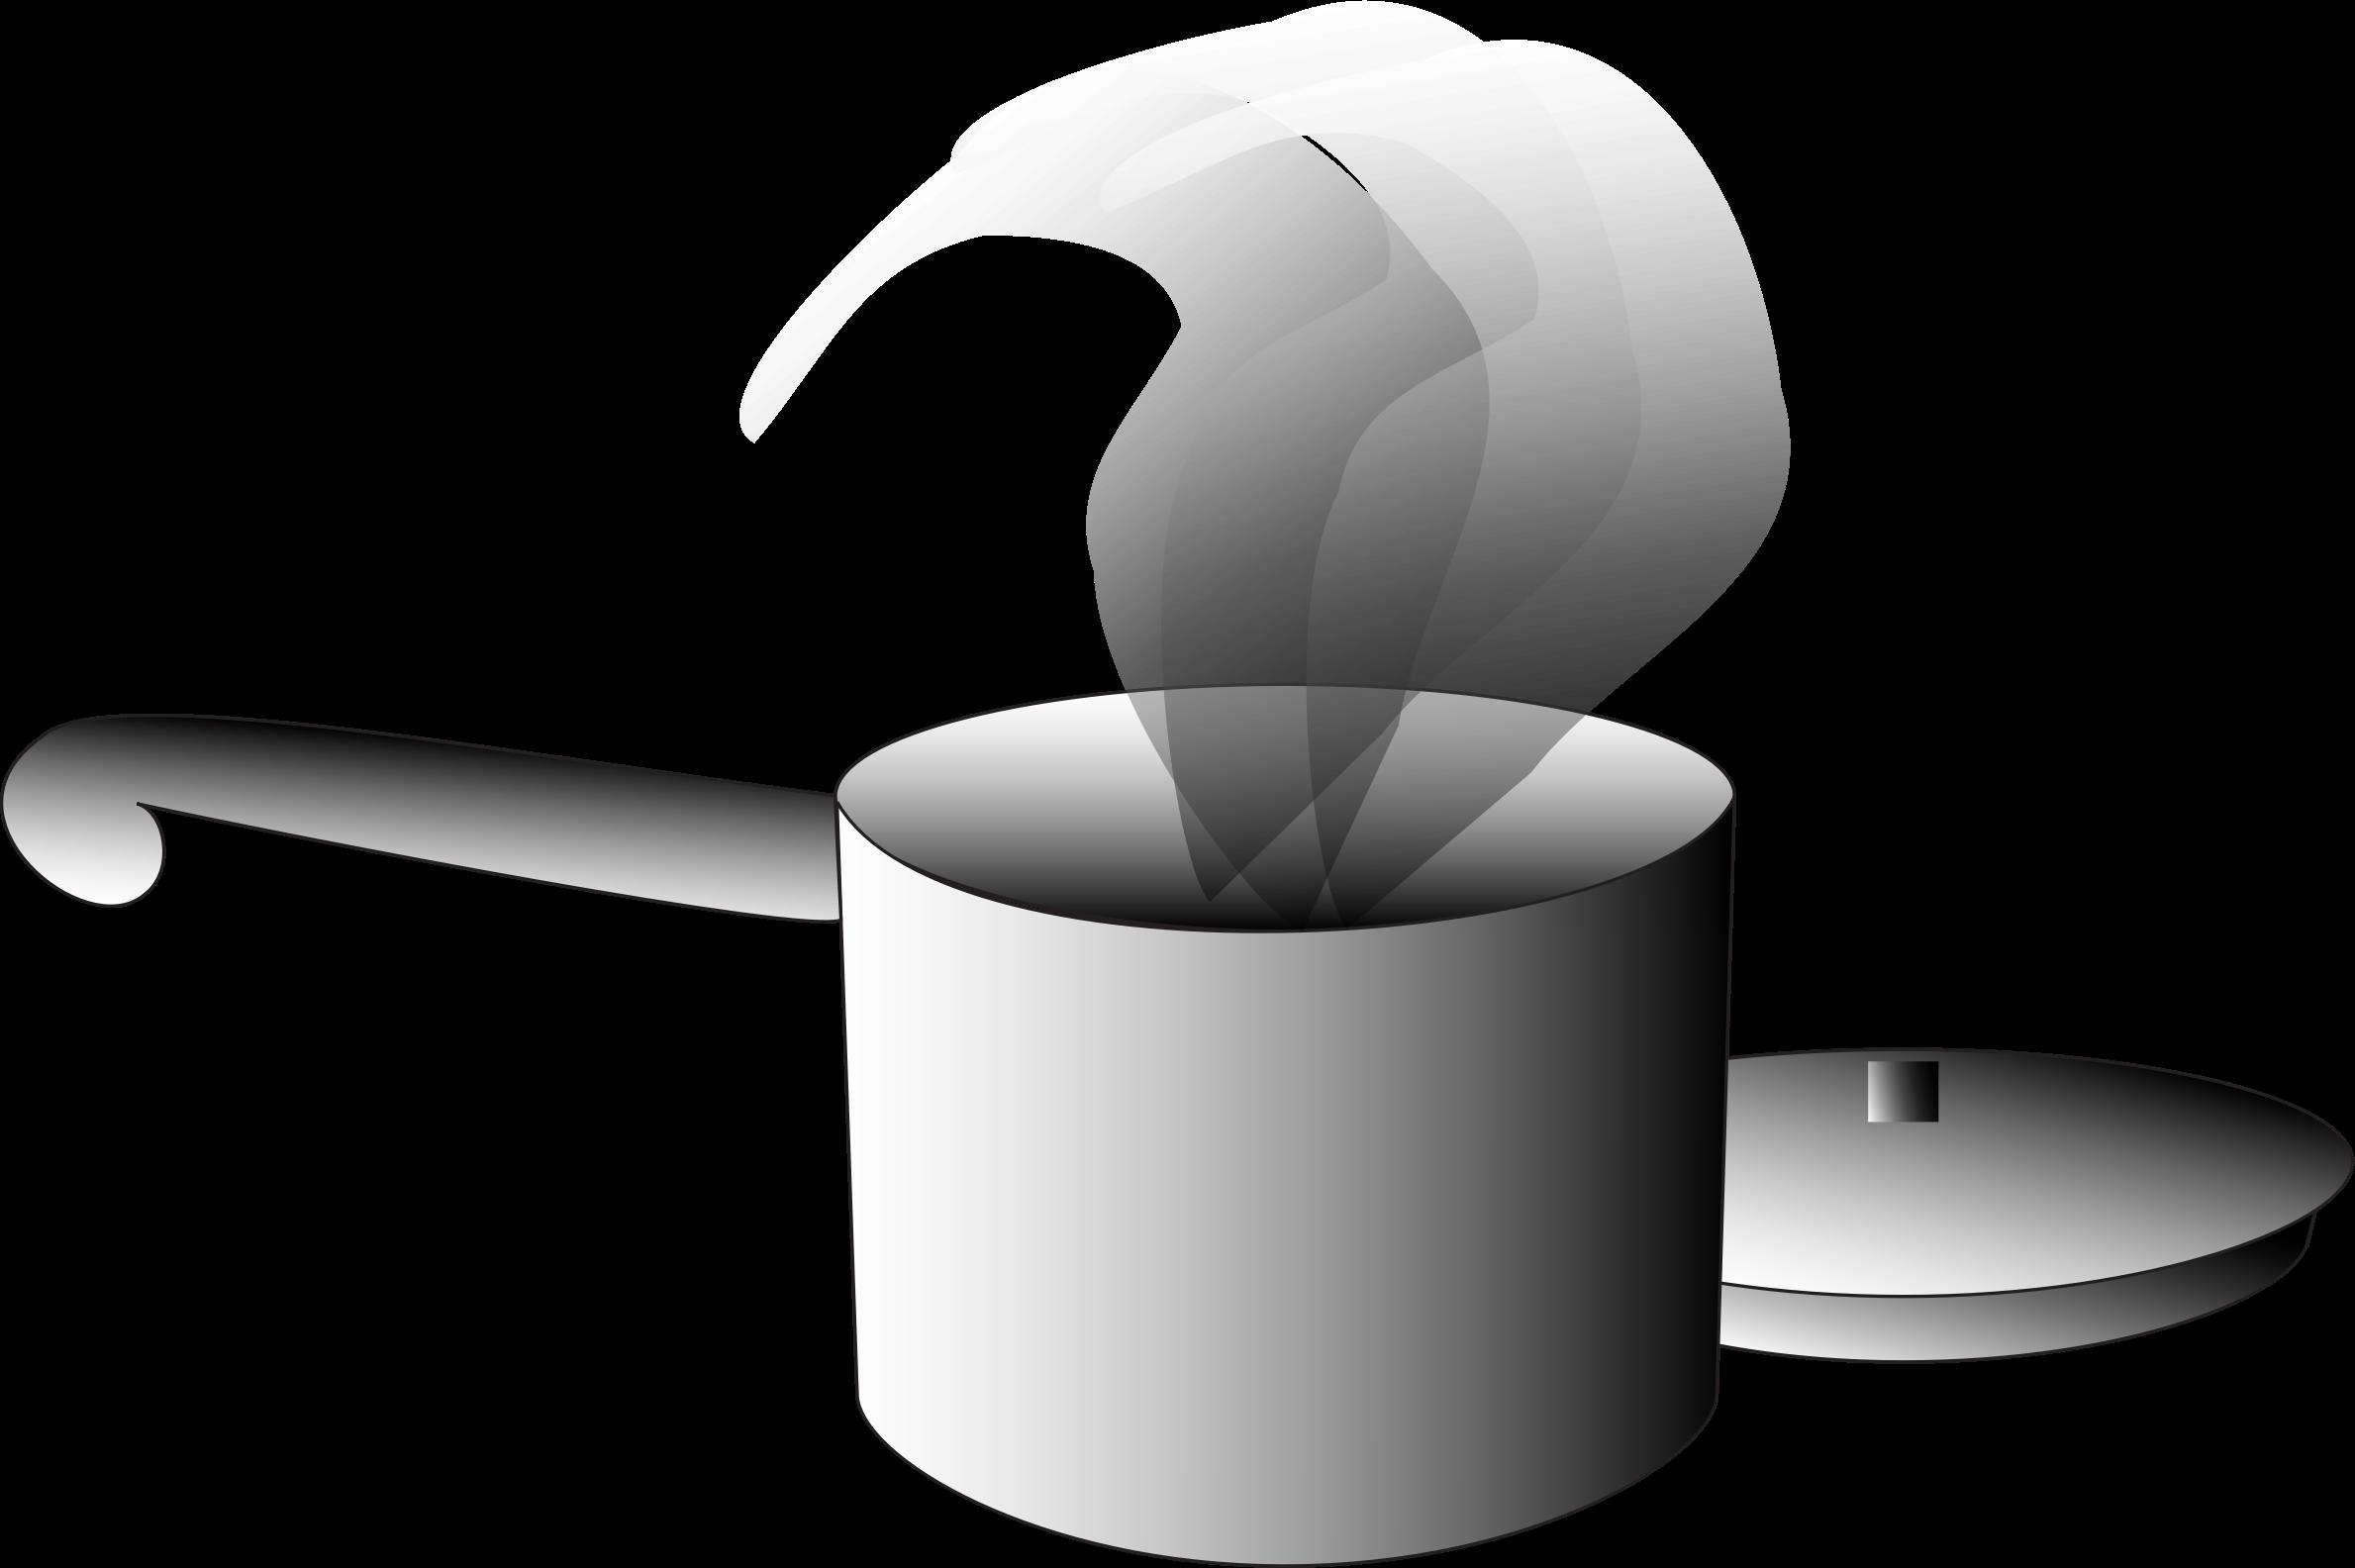 Mug clipart steam clipart. Casserole avec couvercle pot